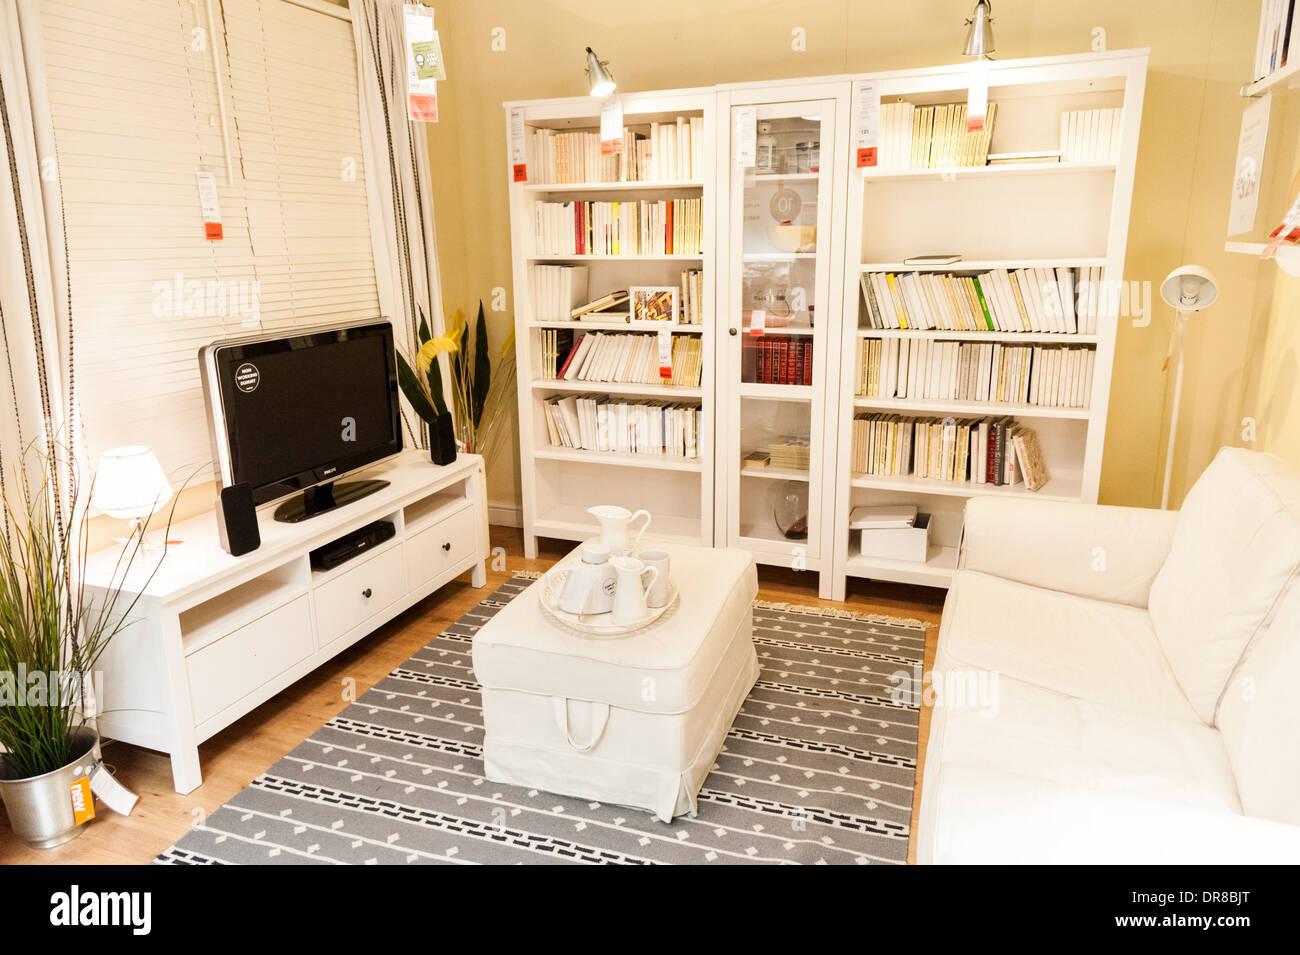 Muebles de salon de ikea trendy estupendo ikea muebles de - Liquidacion de muebles ikea ...